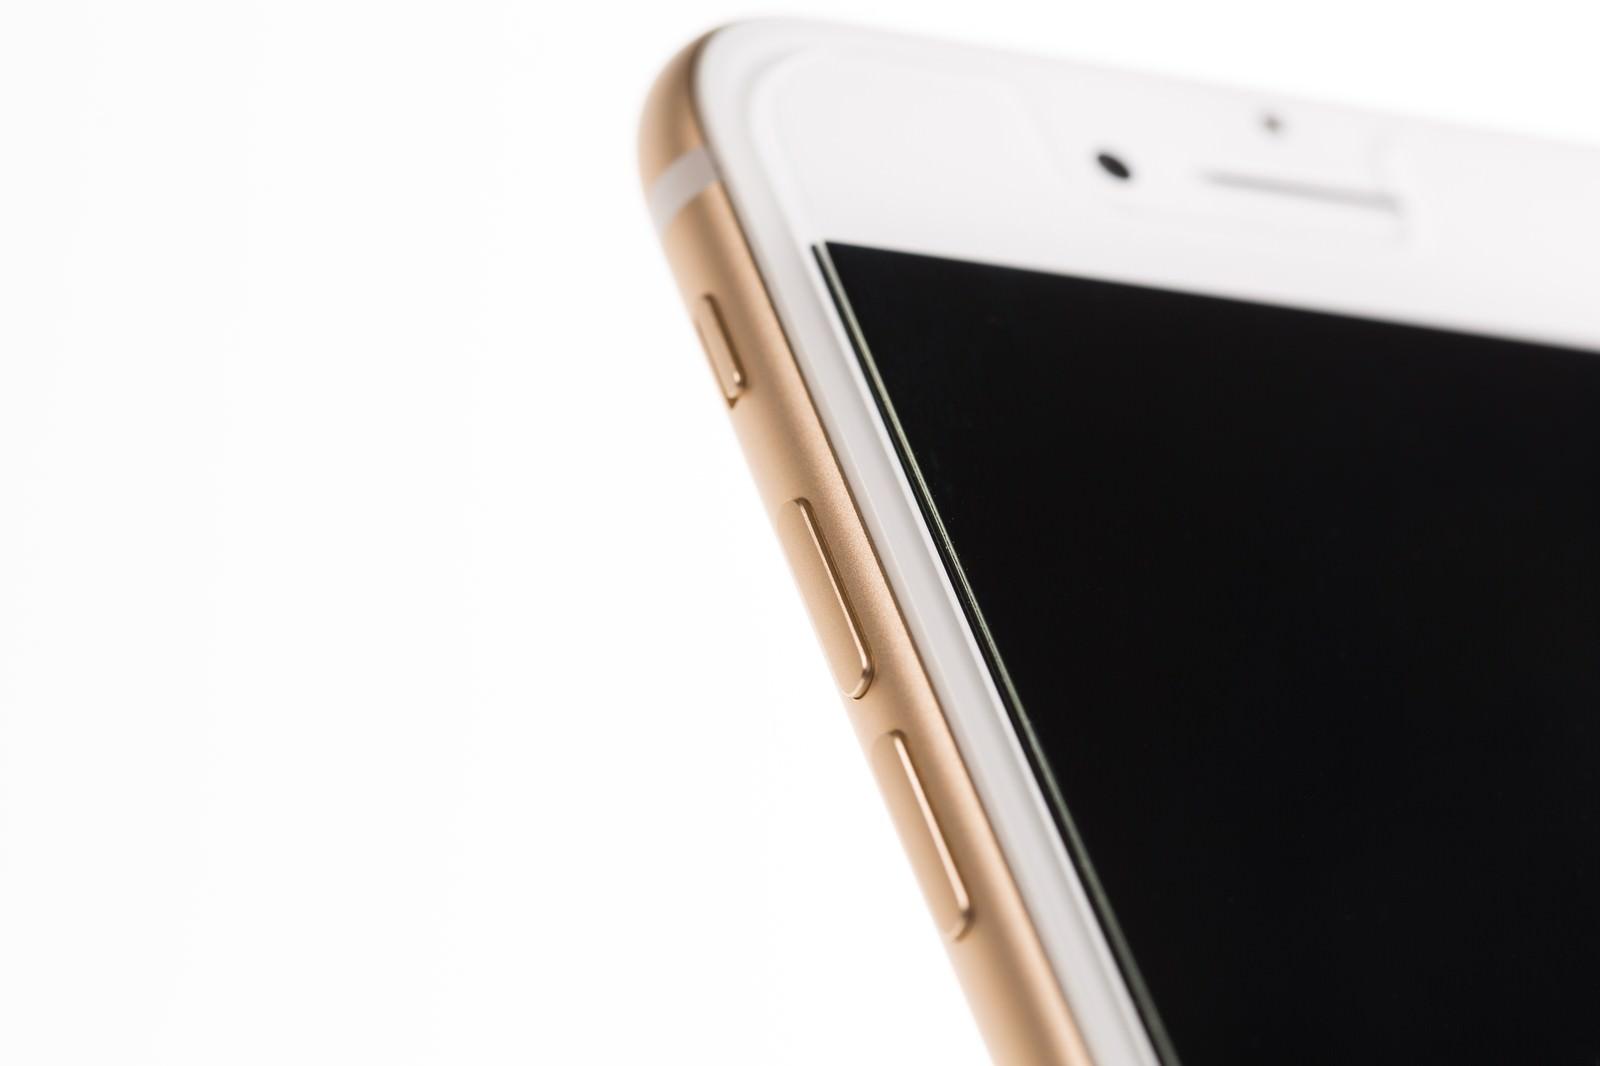 「新しいゴールド色のスマートフォン(側面)」の写真